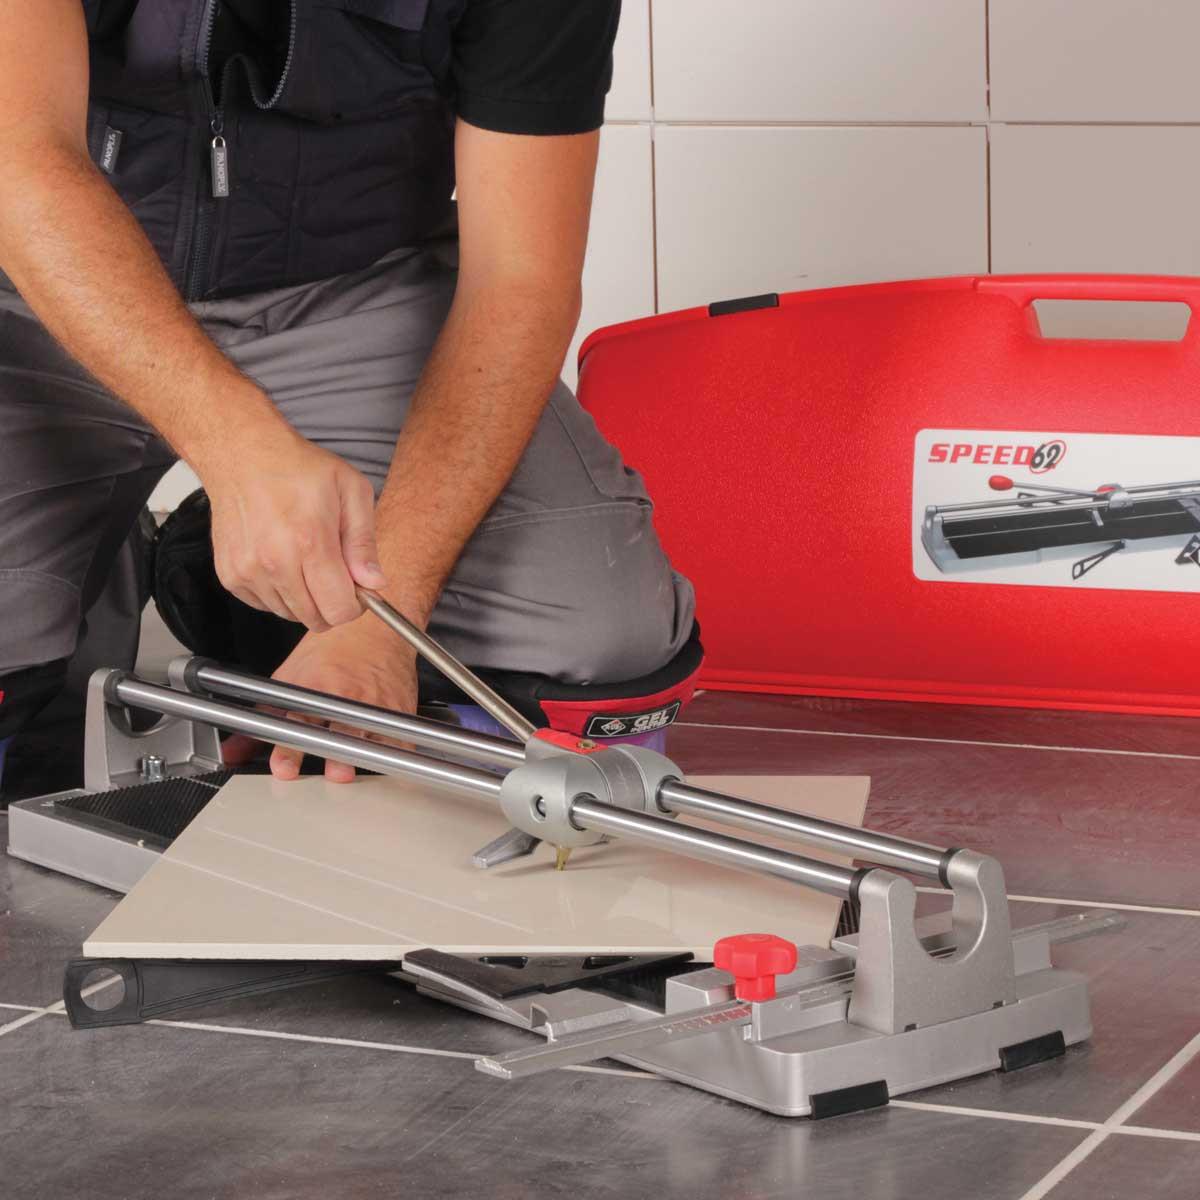 Rubi Speed Ceramic Tile Cutter